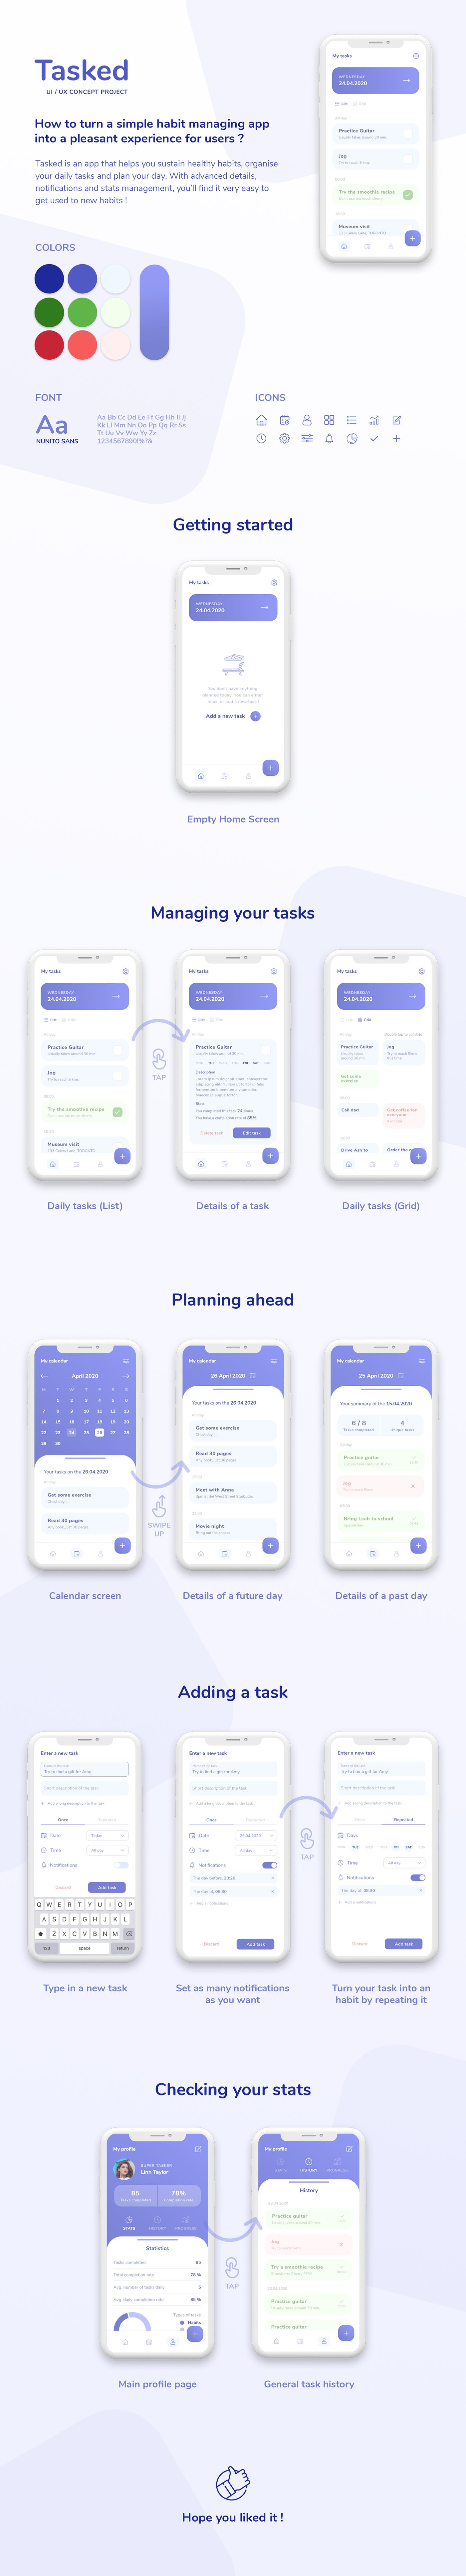 app Case Study checklist design product design  task UI UI/UX ux